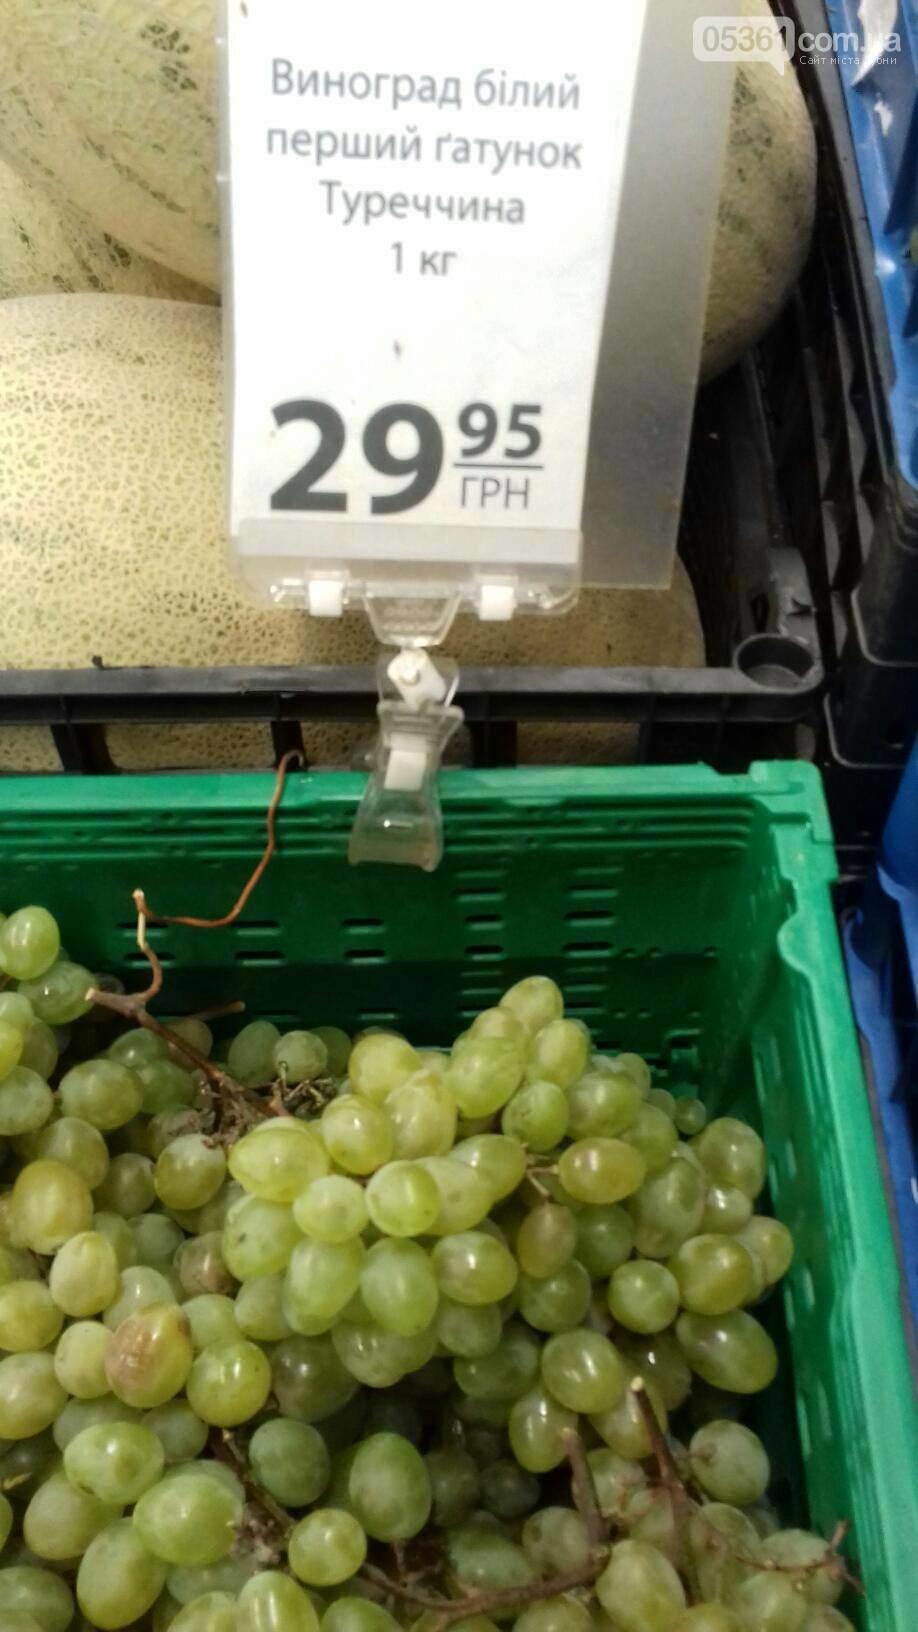 Українські яблука по ціні турецького винограду в лубенських супермаркетах , фото-1